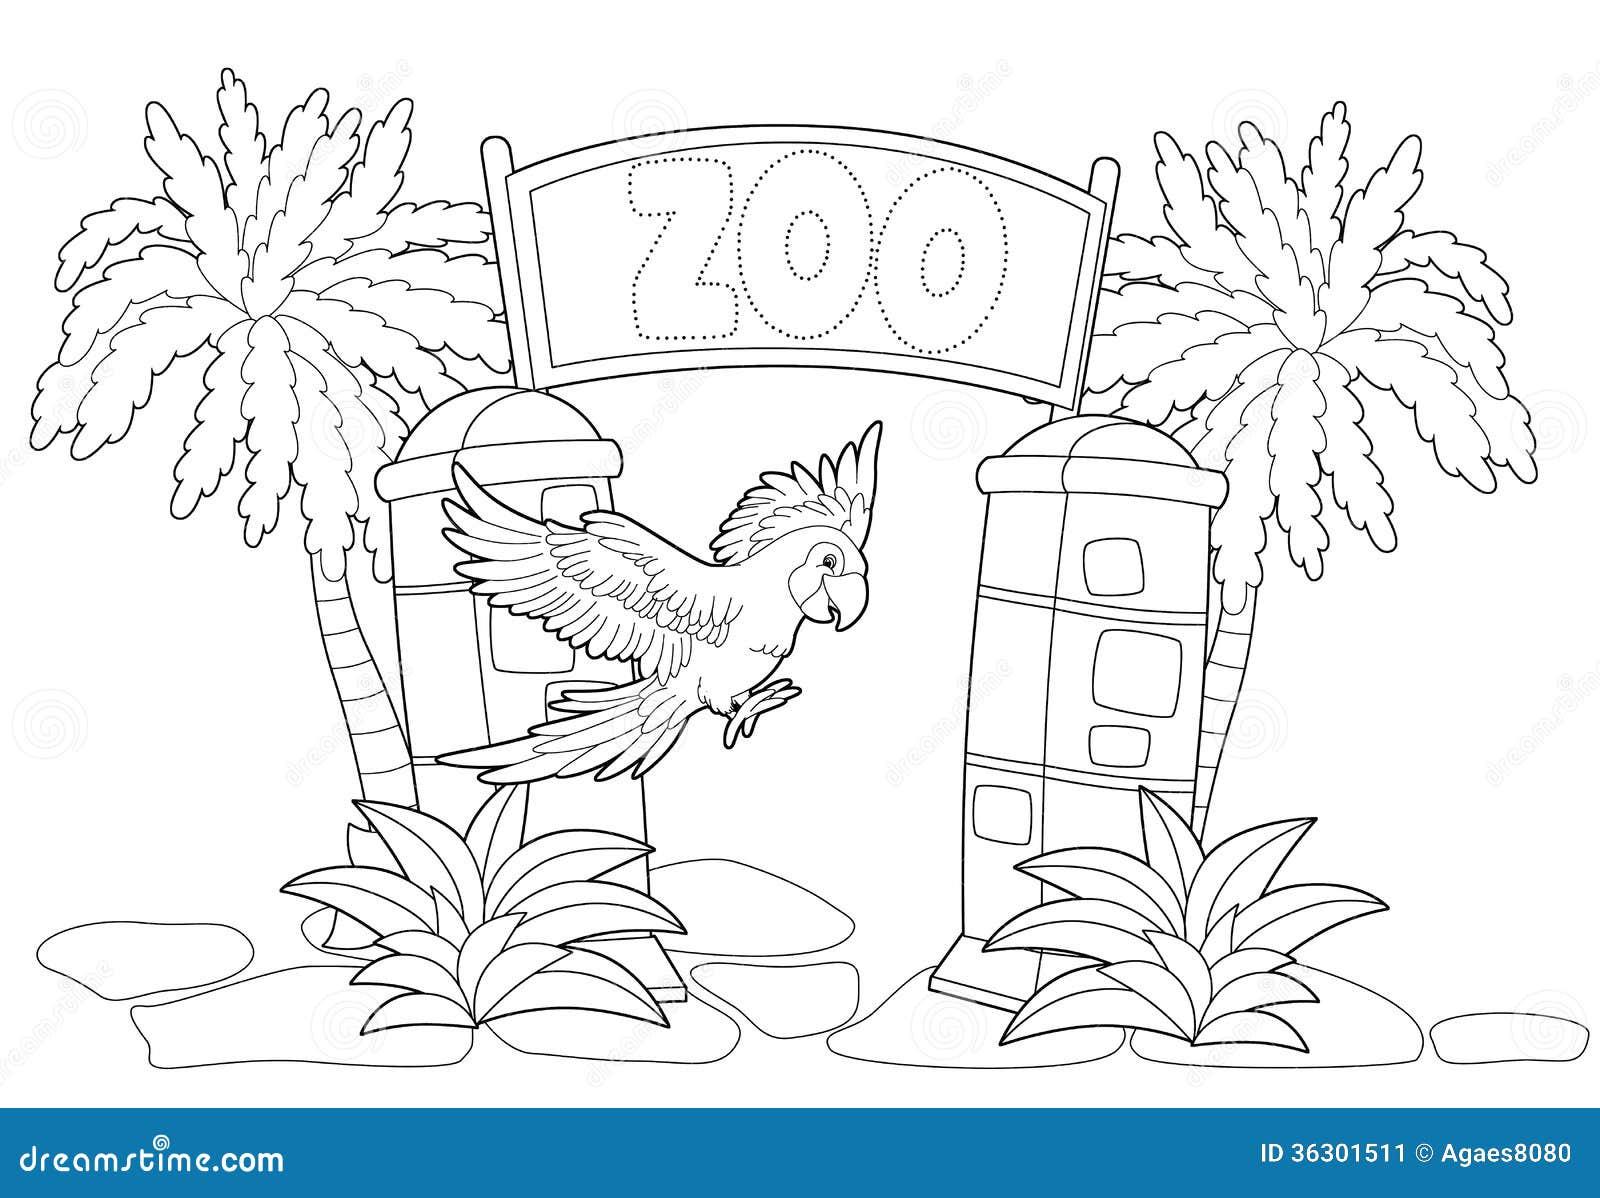 Pagina Para Colorear De Zoo: El Parque Zoológico